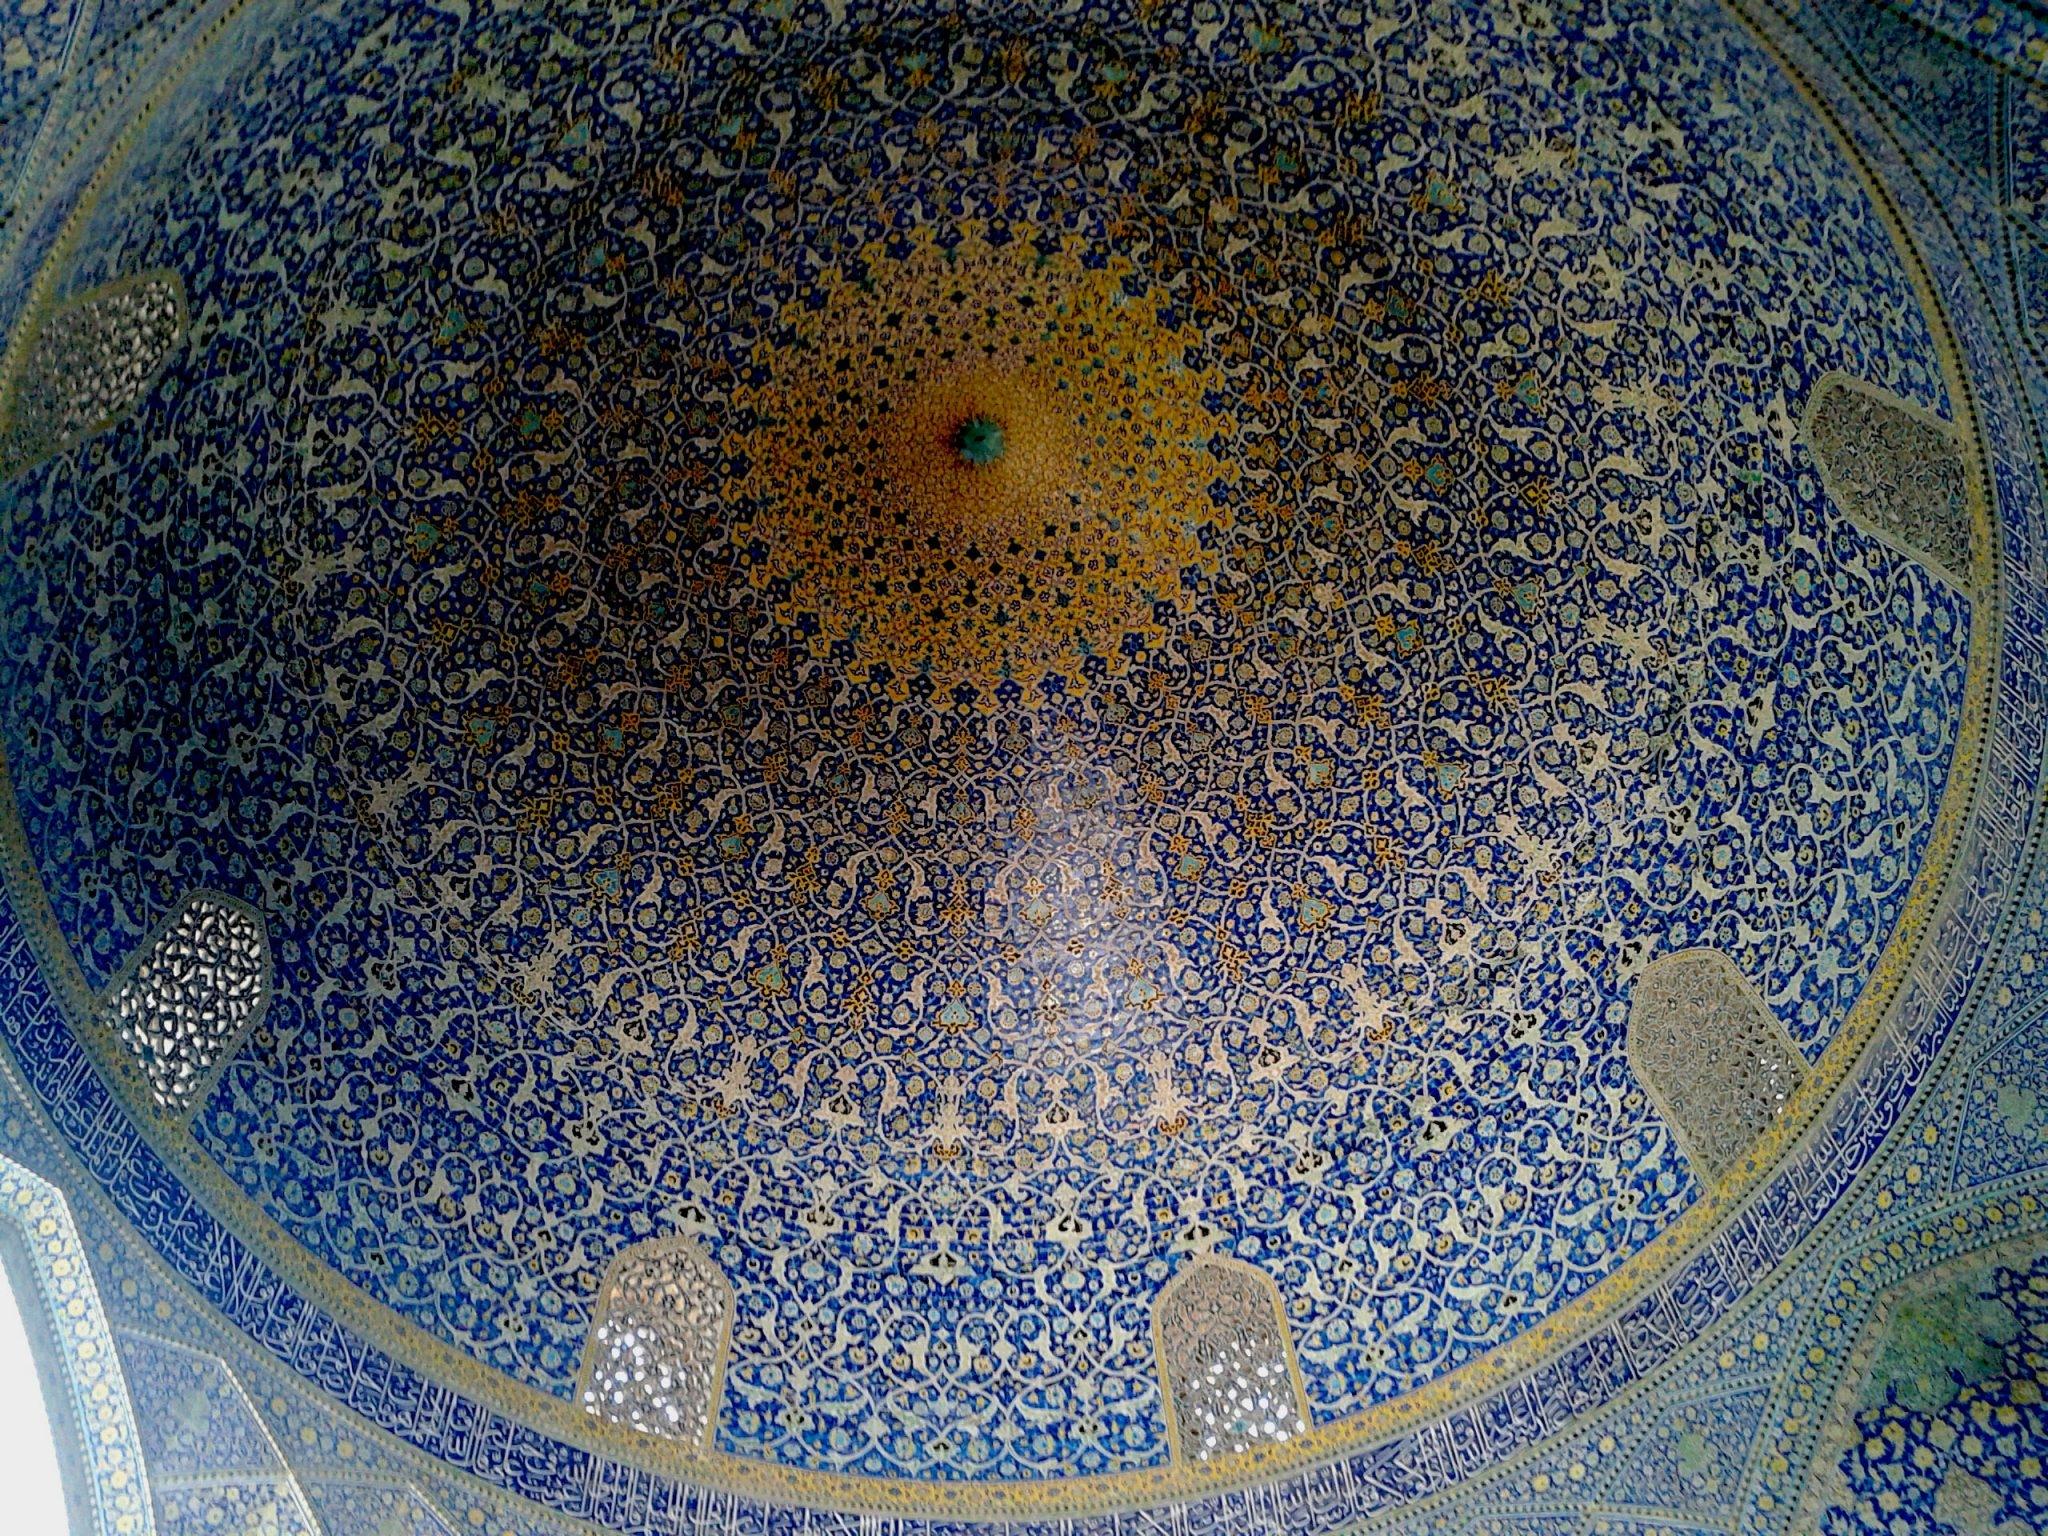 Iran zwiedzanie atrakcje czy bezpiecznie wizy